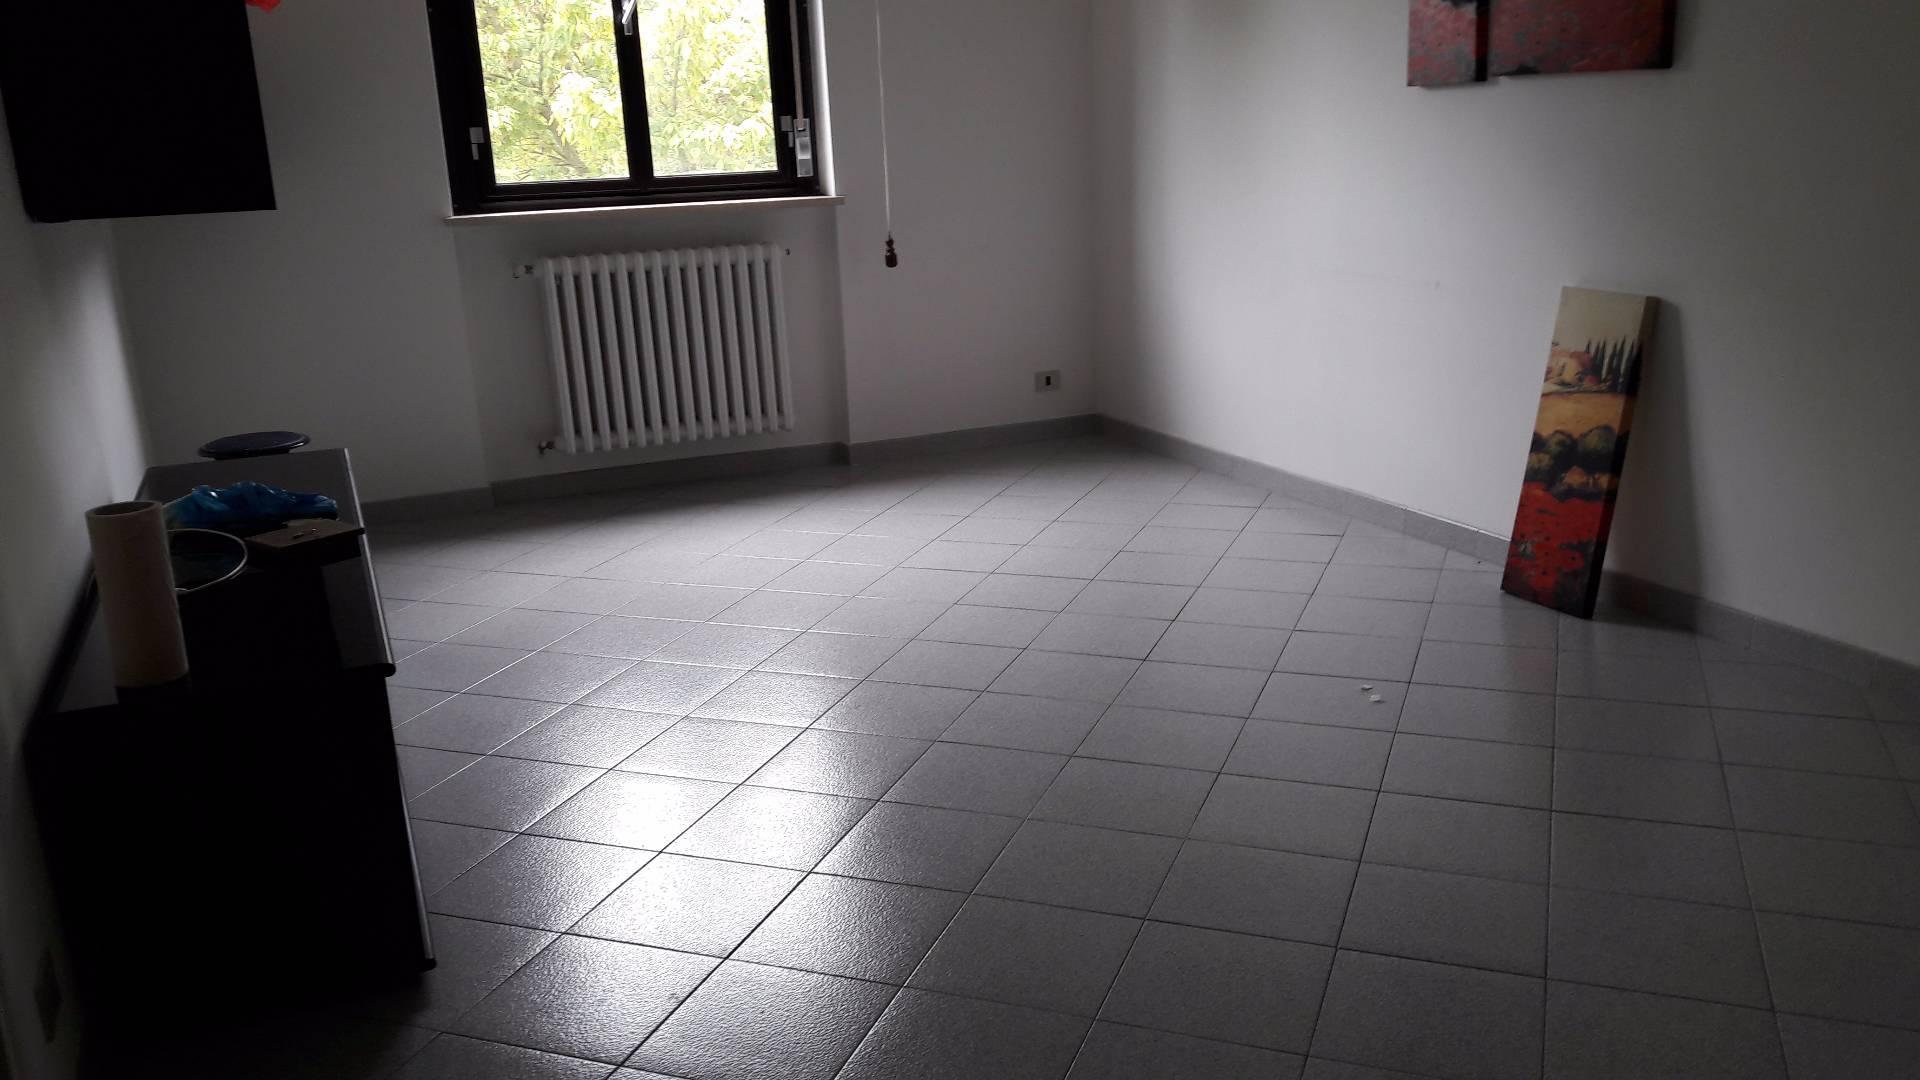 Appartamento in affitto a alessandria cristo barletta for Affitto trani arredato